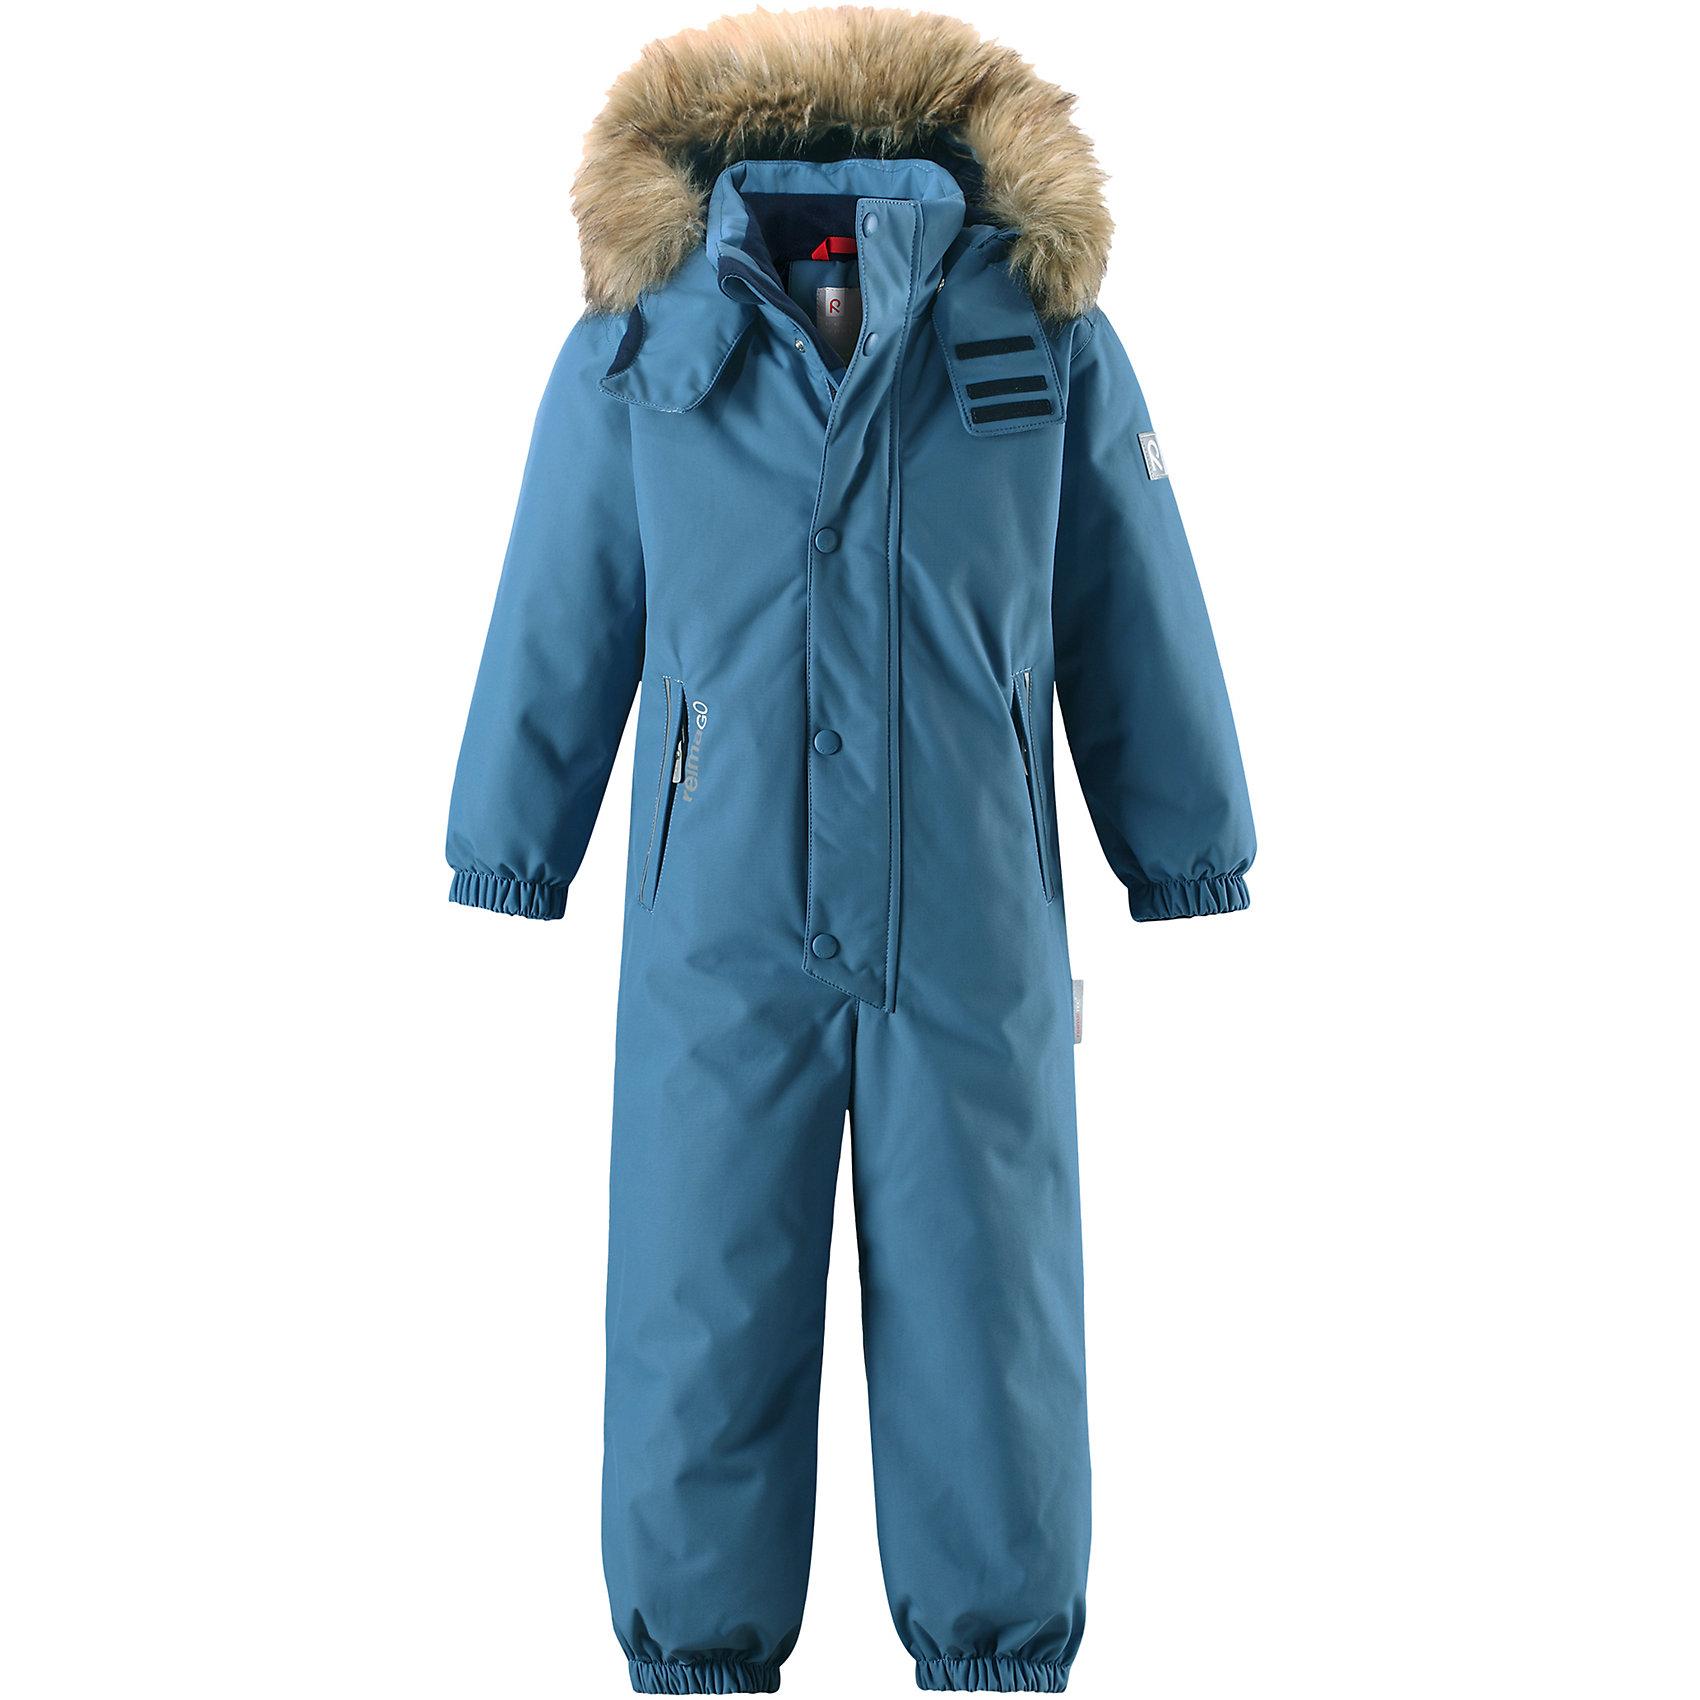 Комбинезон Reimatec® Reima StavangerОдежда<br>Характеристики товара:<br><br>• цвет: голубой;<br>• состав: 100% полиэстер;<br>• подкладка: 100% полиэстер;<br>• утеплитель: 160 г/м2<br>• температурный режим: от 0 до -20С;<br>• сезон: зима; <br>• водонепроницаемость: 12000 мм;<br>• воздухопроницаемость: 8000 мм;<br>• износостойкость: 80000 циклов (тест Мартиндейла);<br>• водо- и ветронепроницаемый, дышащий и грязеотталкивающий материал;<br>• все швы проклеены и водонепроницаемы;<br>• гладкая подкладка из полиэстера;<br>• эластичные манжеты и пояс сзади;<br>• застежка: молния с защитой подбородка;<br>• безопасный съемный капюшон на кнопках;<br>• съемный искусственный мех на капюшоне;<br>• регулируемая длина брюк с помощью кнопок;<br>• внутренняя регулировка обхвата талии;<br>• прочные съемные силиконовые штрипки;<br>• два кармана на молнии;<br>• кармана с креплением для сенсора ReimaGO®;<br>• светоотражающие детали;<br>• страна бренда: Финляндия;<br>• страна изготовитель: Китай.<br><br>Этот детский зимний комбинезон, изготовленный из дышащего и прочного материала Duraplus®, обеспечит комфорт в любую погоду и во время любых занятий. Все швы в нем проклеены, водонепроницаемы, так что внутрь не просочится ни одной капельки – можно часами резвиться в снегу, все равно в нем будет тепло и сухо. Внутренние подтяжки позволяют снимать в помещении верхнюю часть комбинезона, которая будет аккуратно держаться на пояснице. В этой модели прямого кроя талия легко регулируется, что позволяет подогнать комбинезон точно по фигуре. <br><br>Съемный капюшон защищает от холодного ветра, а еще обеспечивает дополнительную безопасность во время игр на улице – кнопки капюшона легко отстегнутся, если он случайно за что-нибудь зацепится. Образ оживляет безопасный съемный капюшон со съемной оторочкой из искусственного меха. Силиконовые штрипки не дают концам брючин подскакивать, а еще концы брючин можно отрегулировать кнопками! Комбинезон снабжен подкладкой из гладкого полиэстера, поэтому легко над